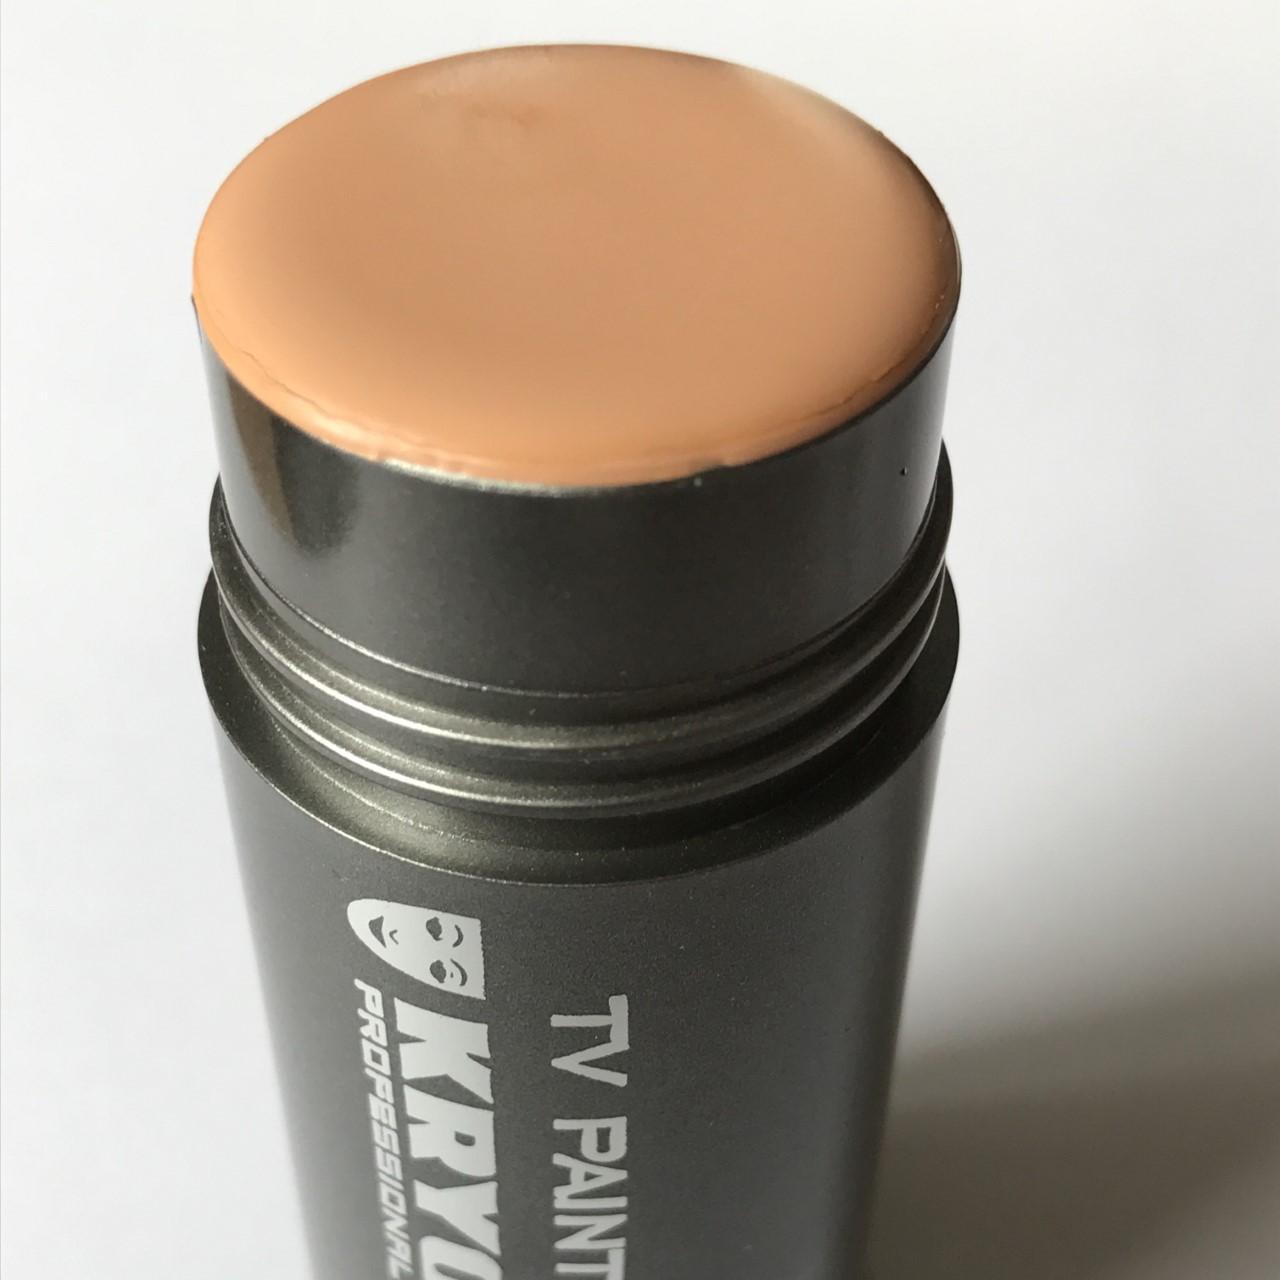 Maquillage kryolan paint stick 5047 w2